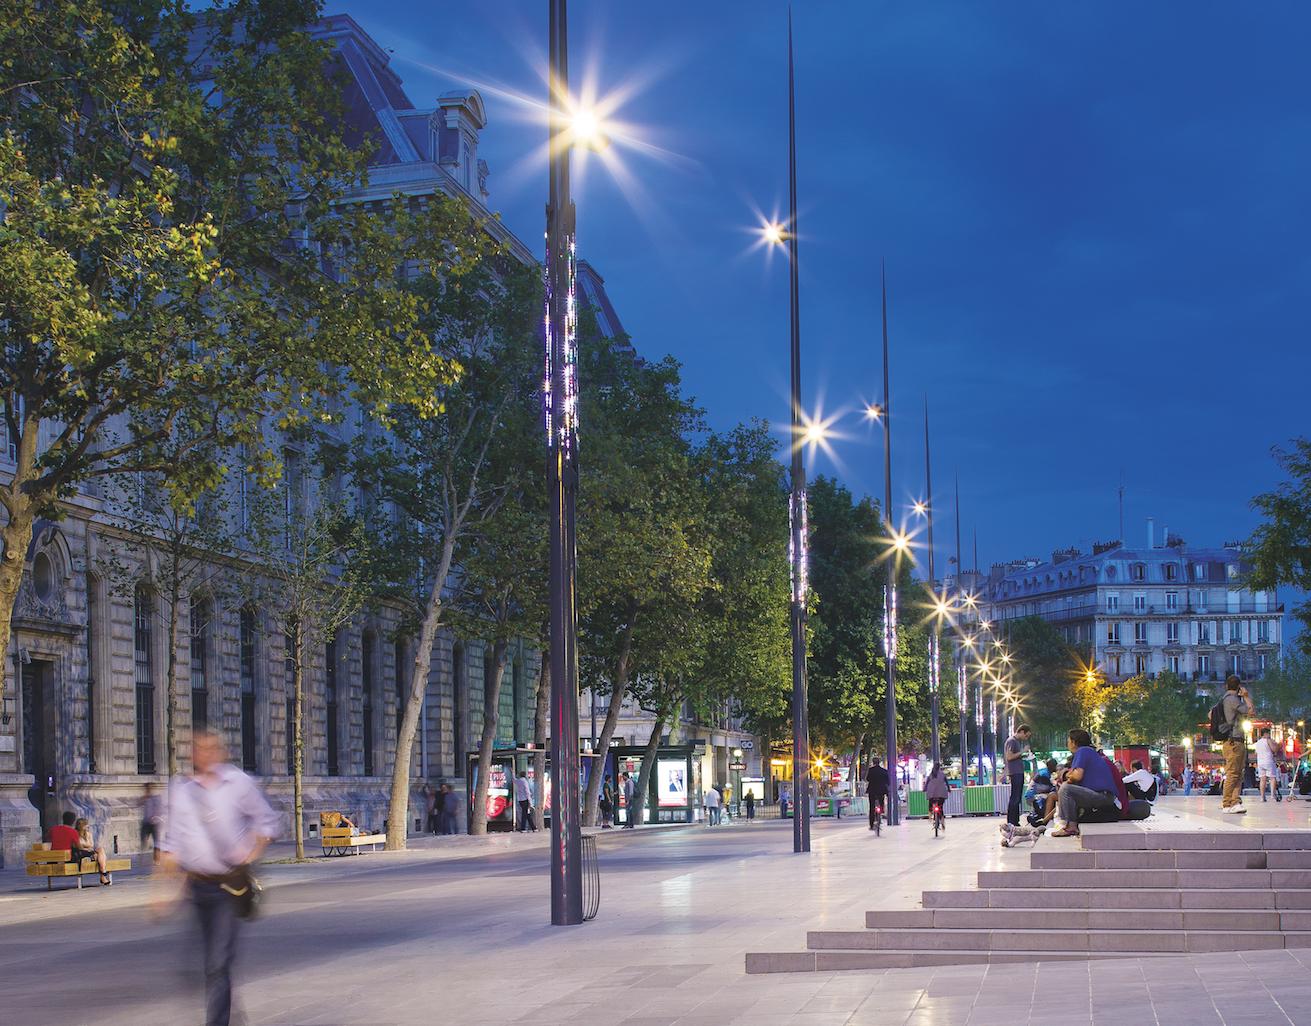 Eclairage: Place de la République, Paris